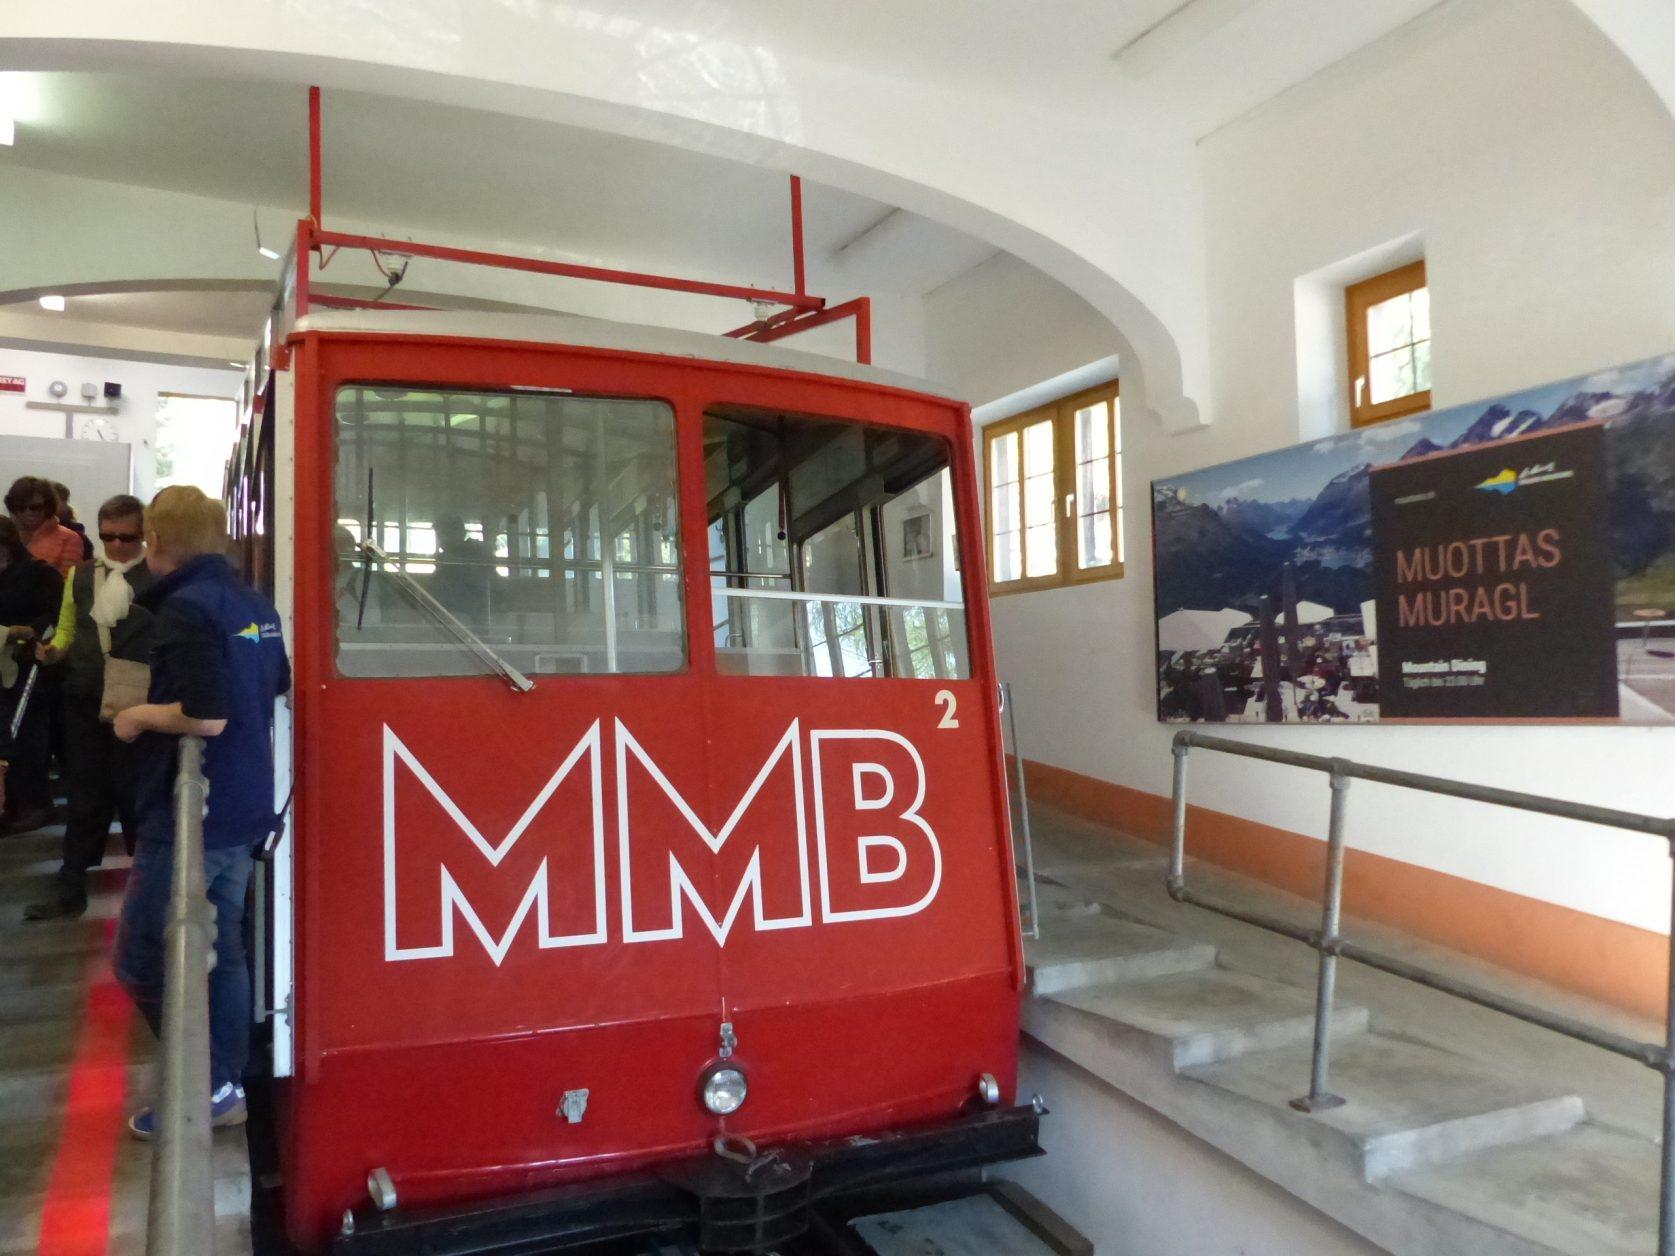 Mit der Bahn auf den Muottas Muragl in der Nähe von Pontresina, Foto: Weirauch